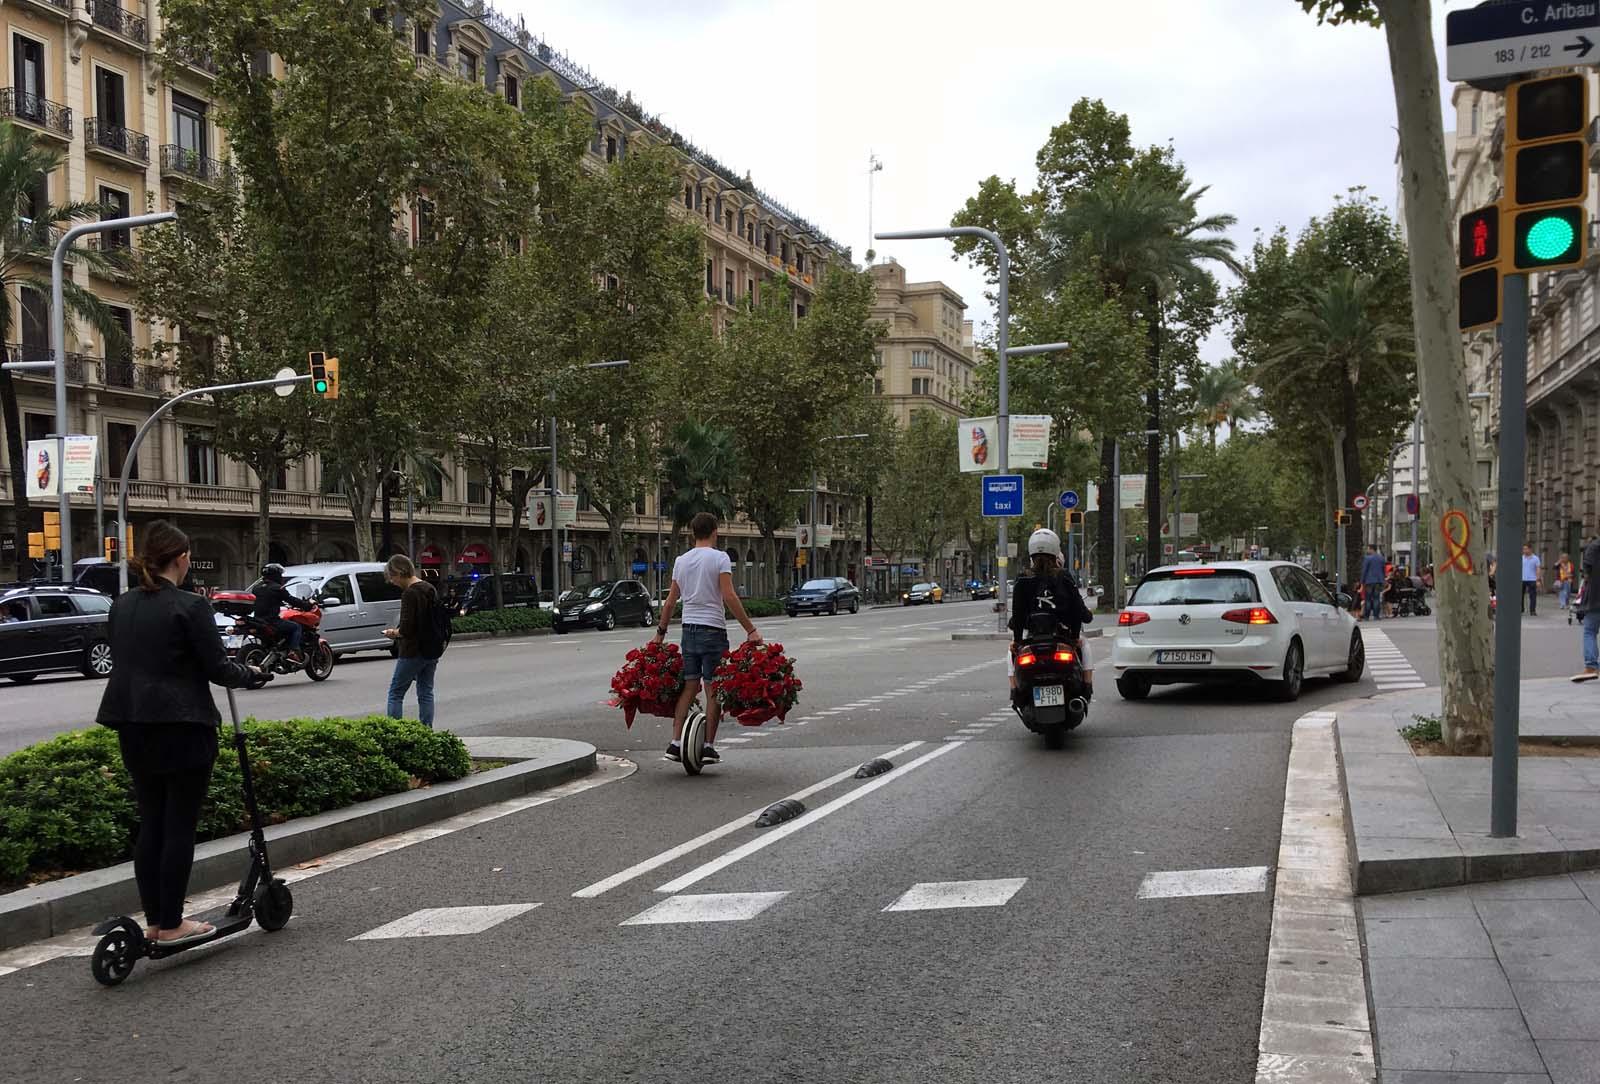 Repartidor de flores (y nuevas formas de movilidad). Diagonal/Aribau. Barcelona, octubre 2018